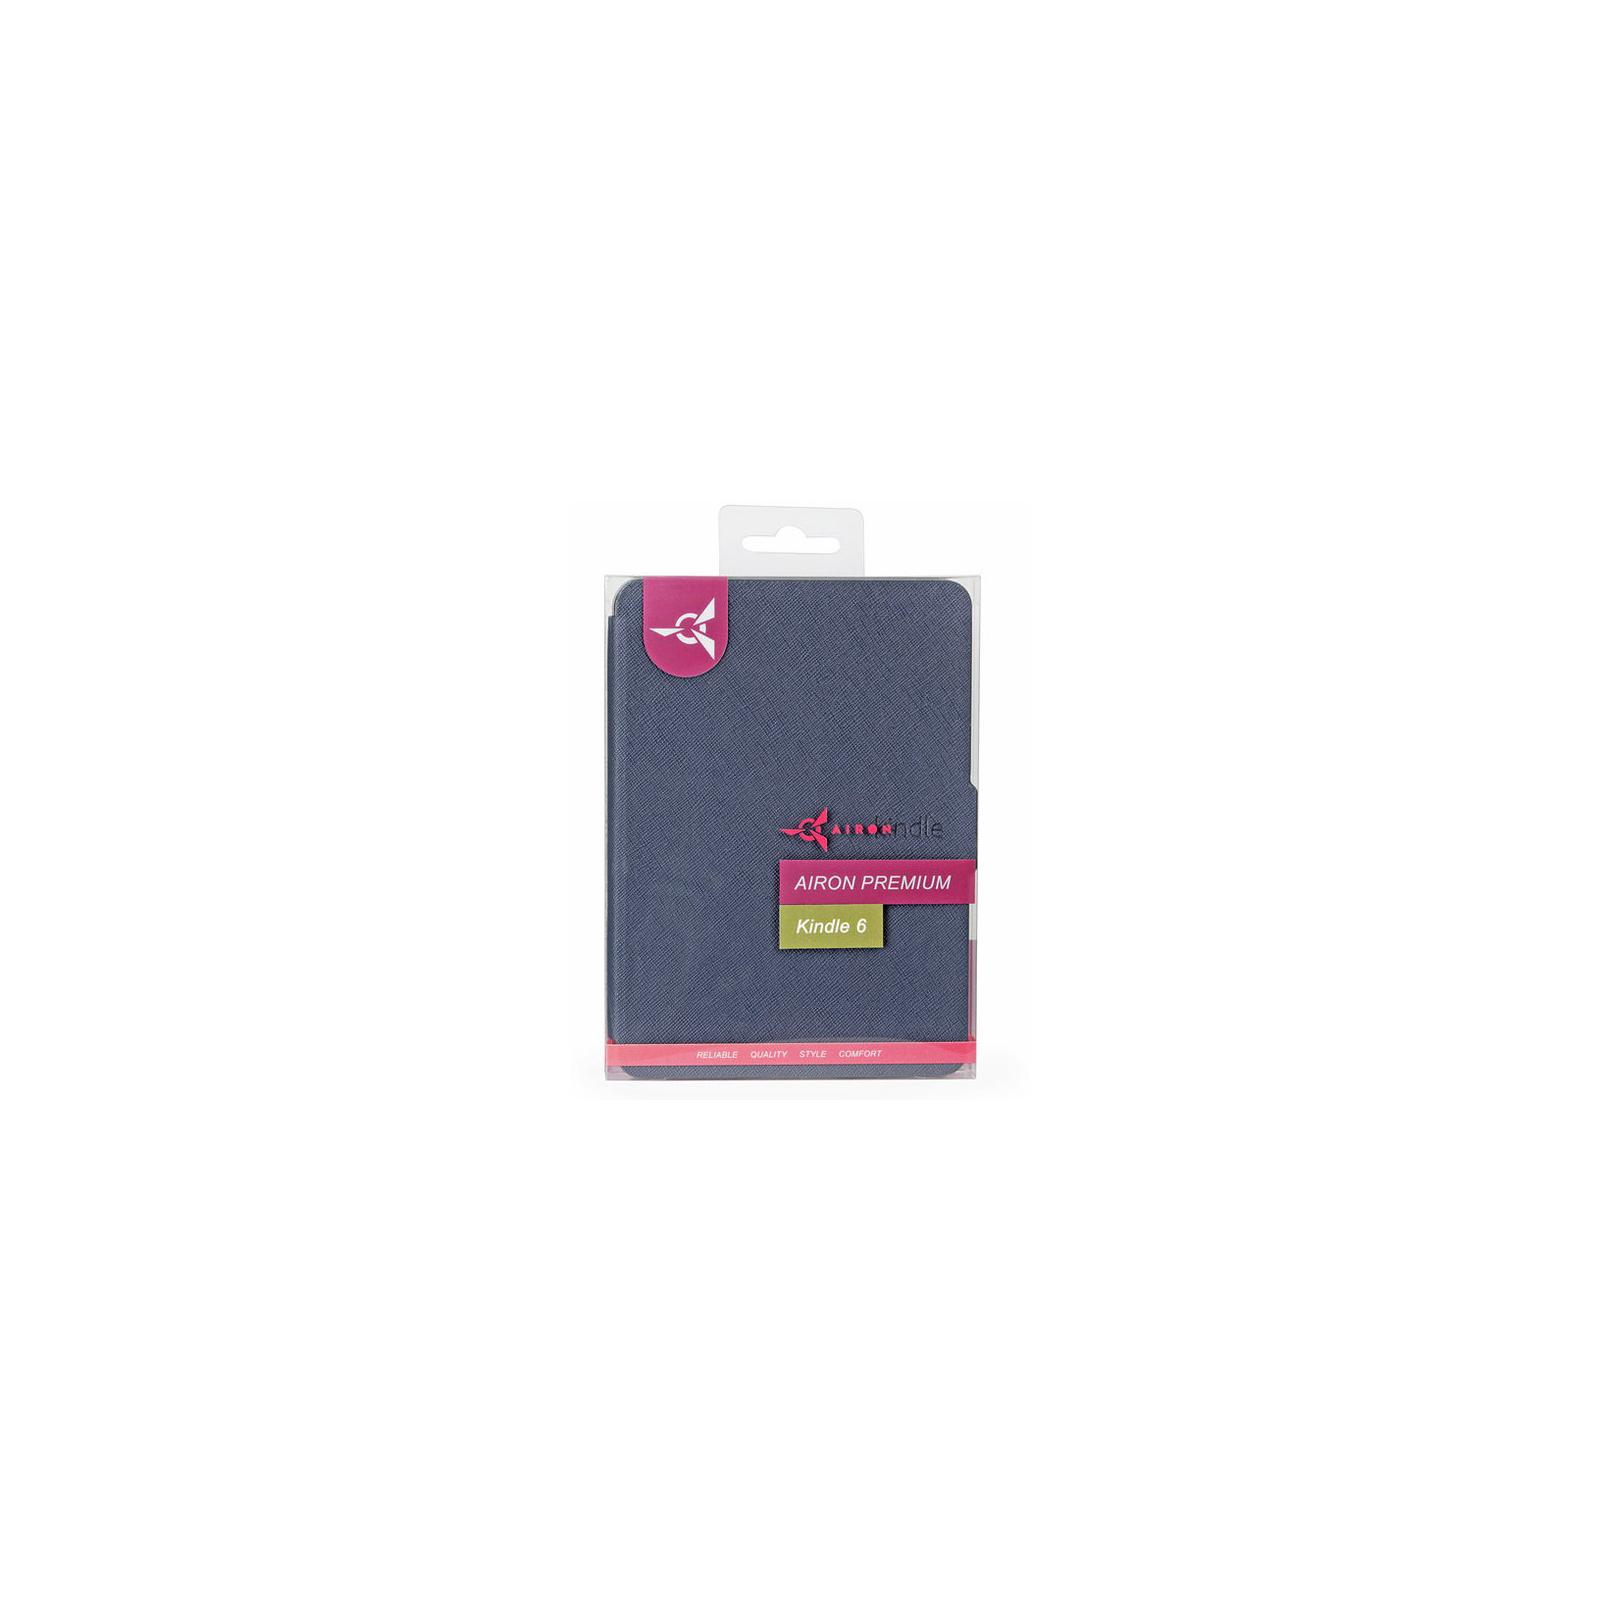 Чехол для электронной книги AirOn для Amazon Kindle 6 blue (4822356754493) изображение 6